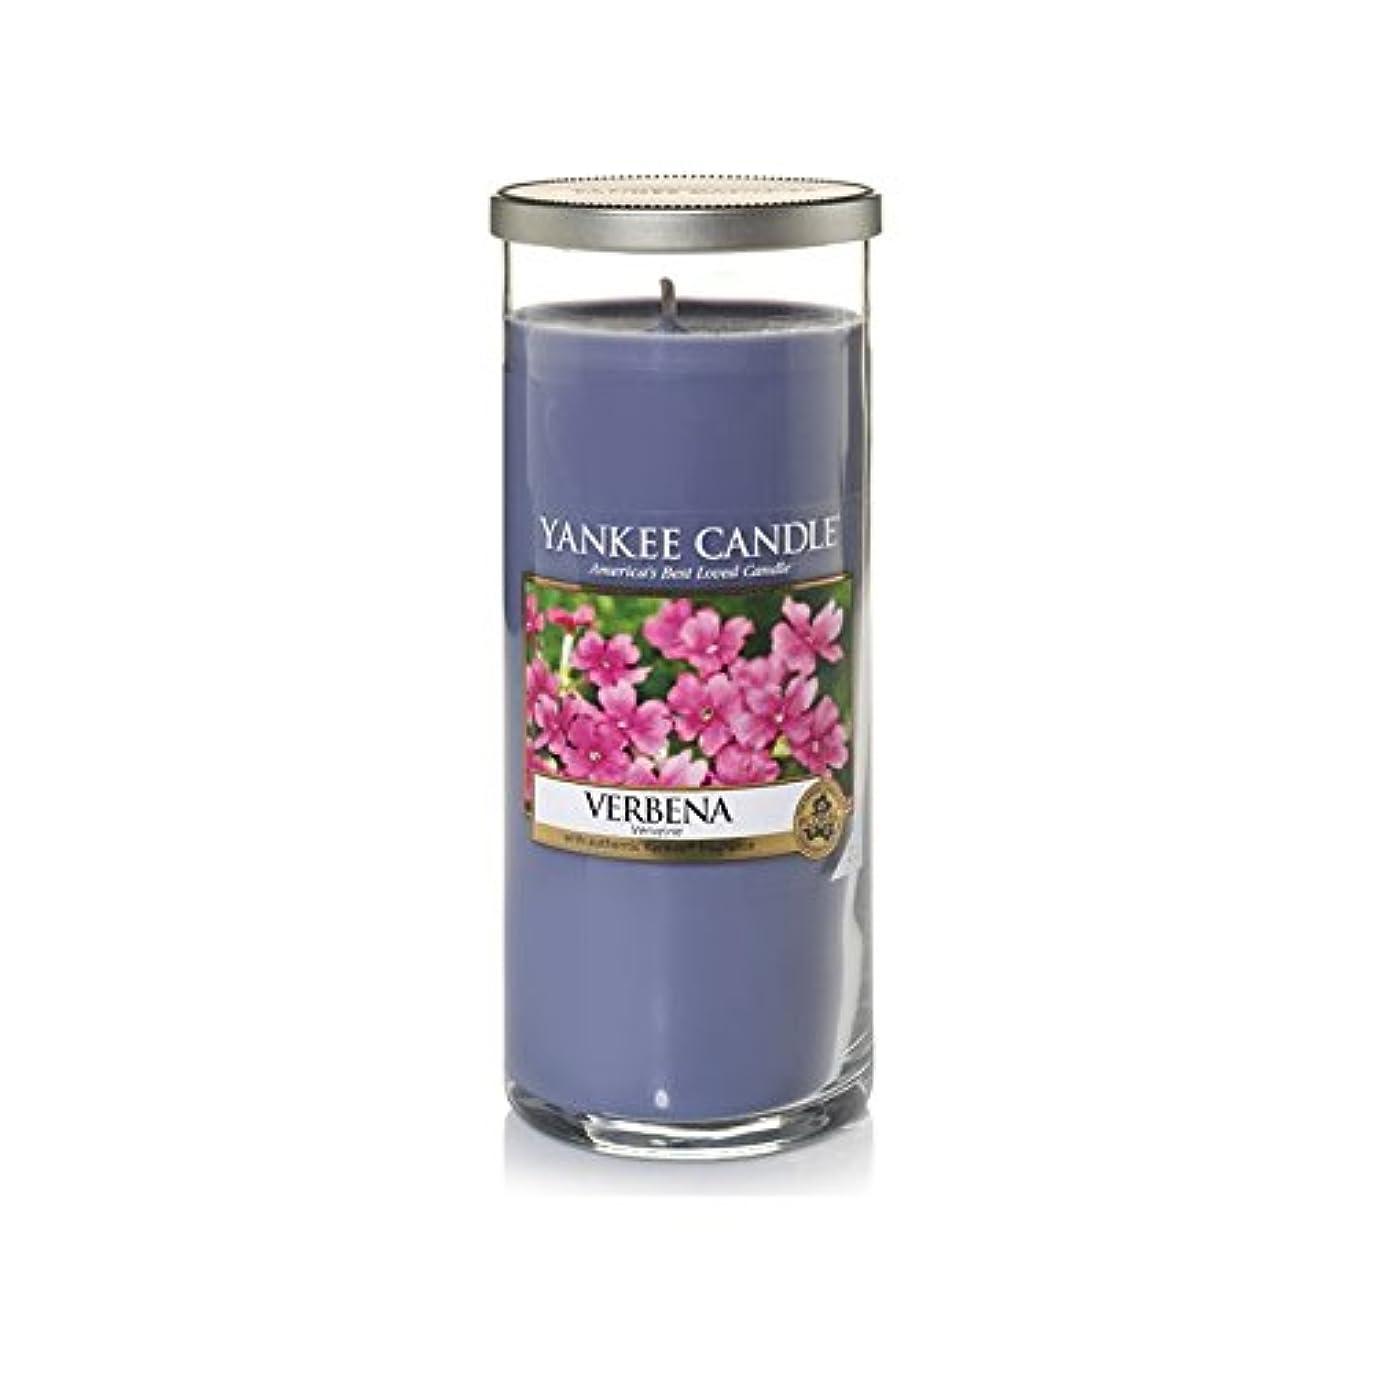 セットアップストリップポークヤンキーキャンドル大きな柱キャンドル - バーベナ - Yankee Candles Large Pillar Candle - Verbena (Yankee Candles) [並行輸入品]